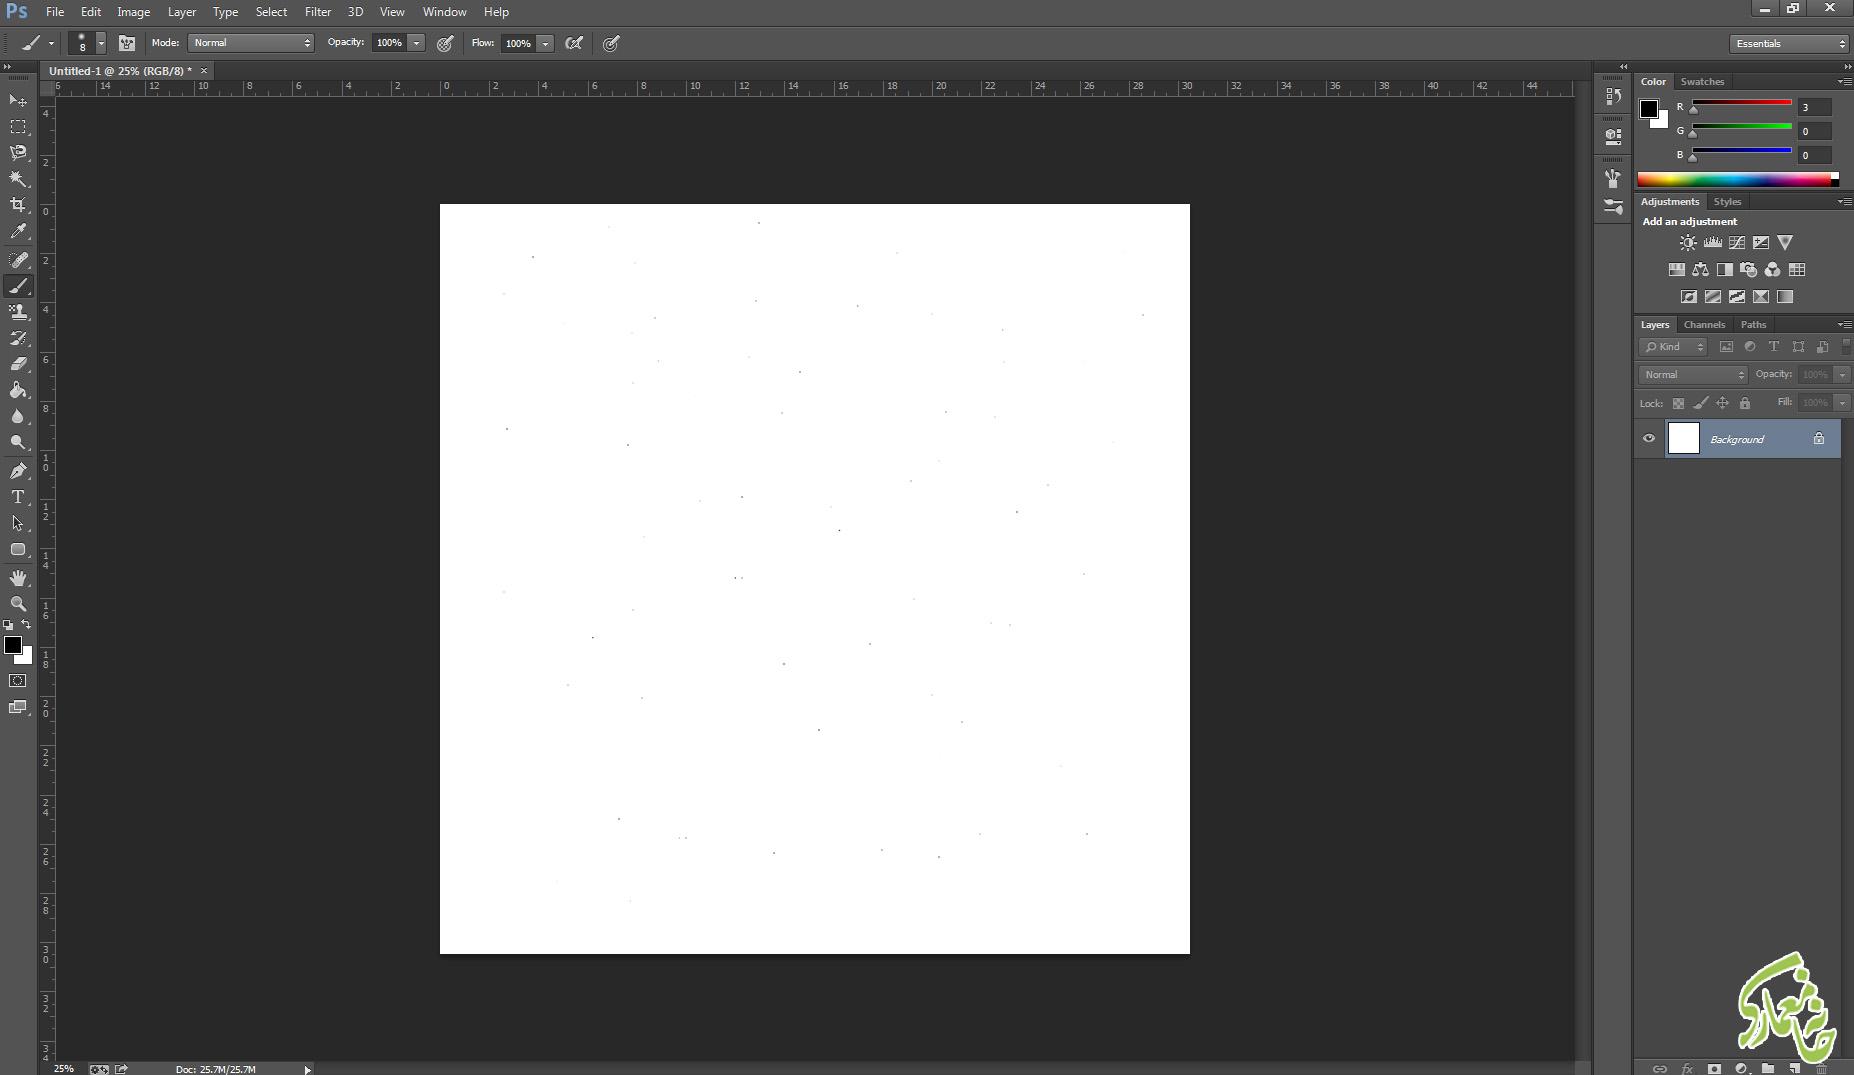 ایجاد کردن نقاط ستاره در photoshop